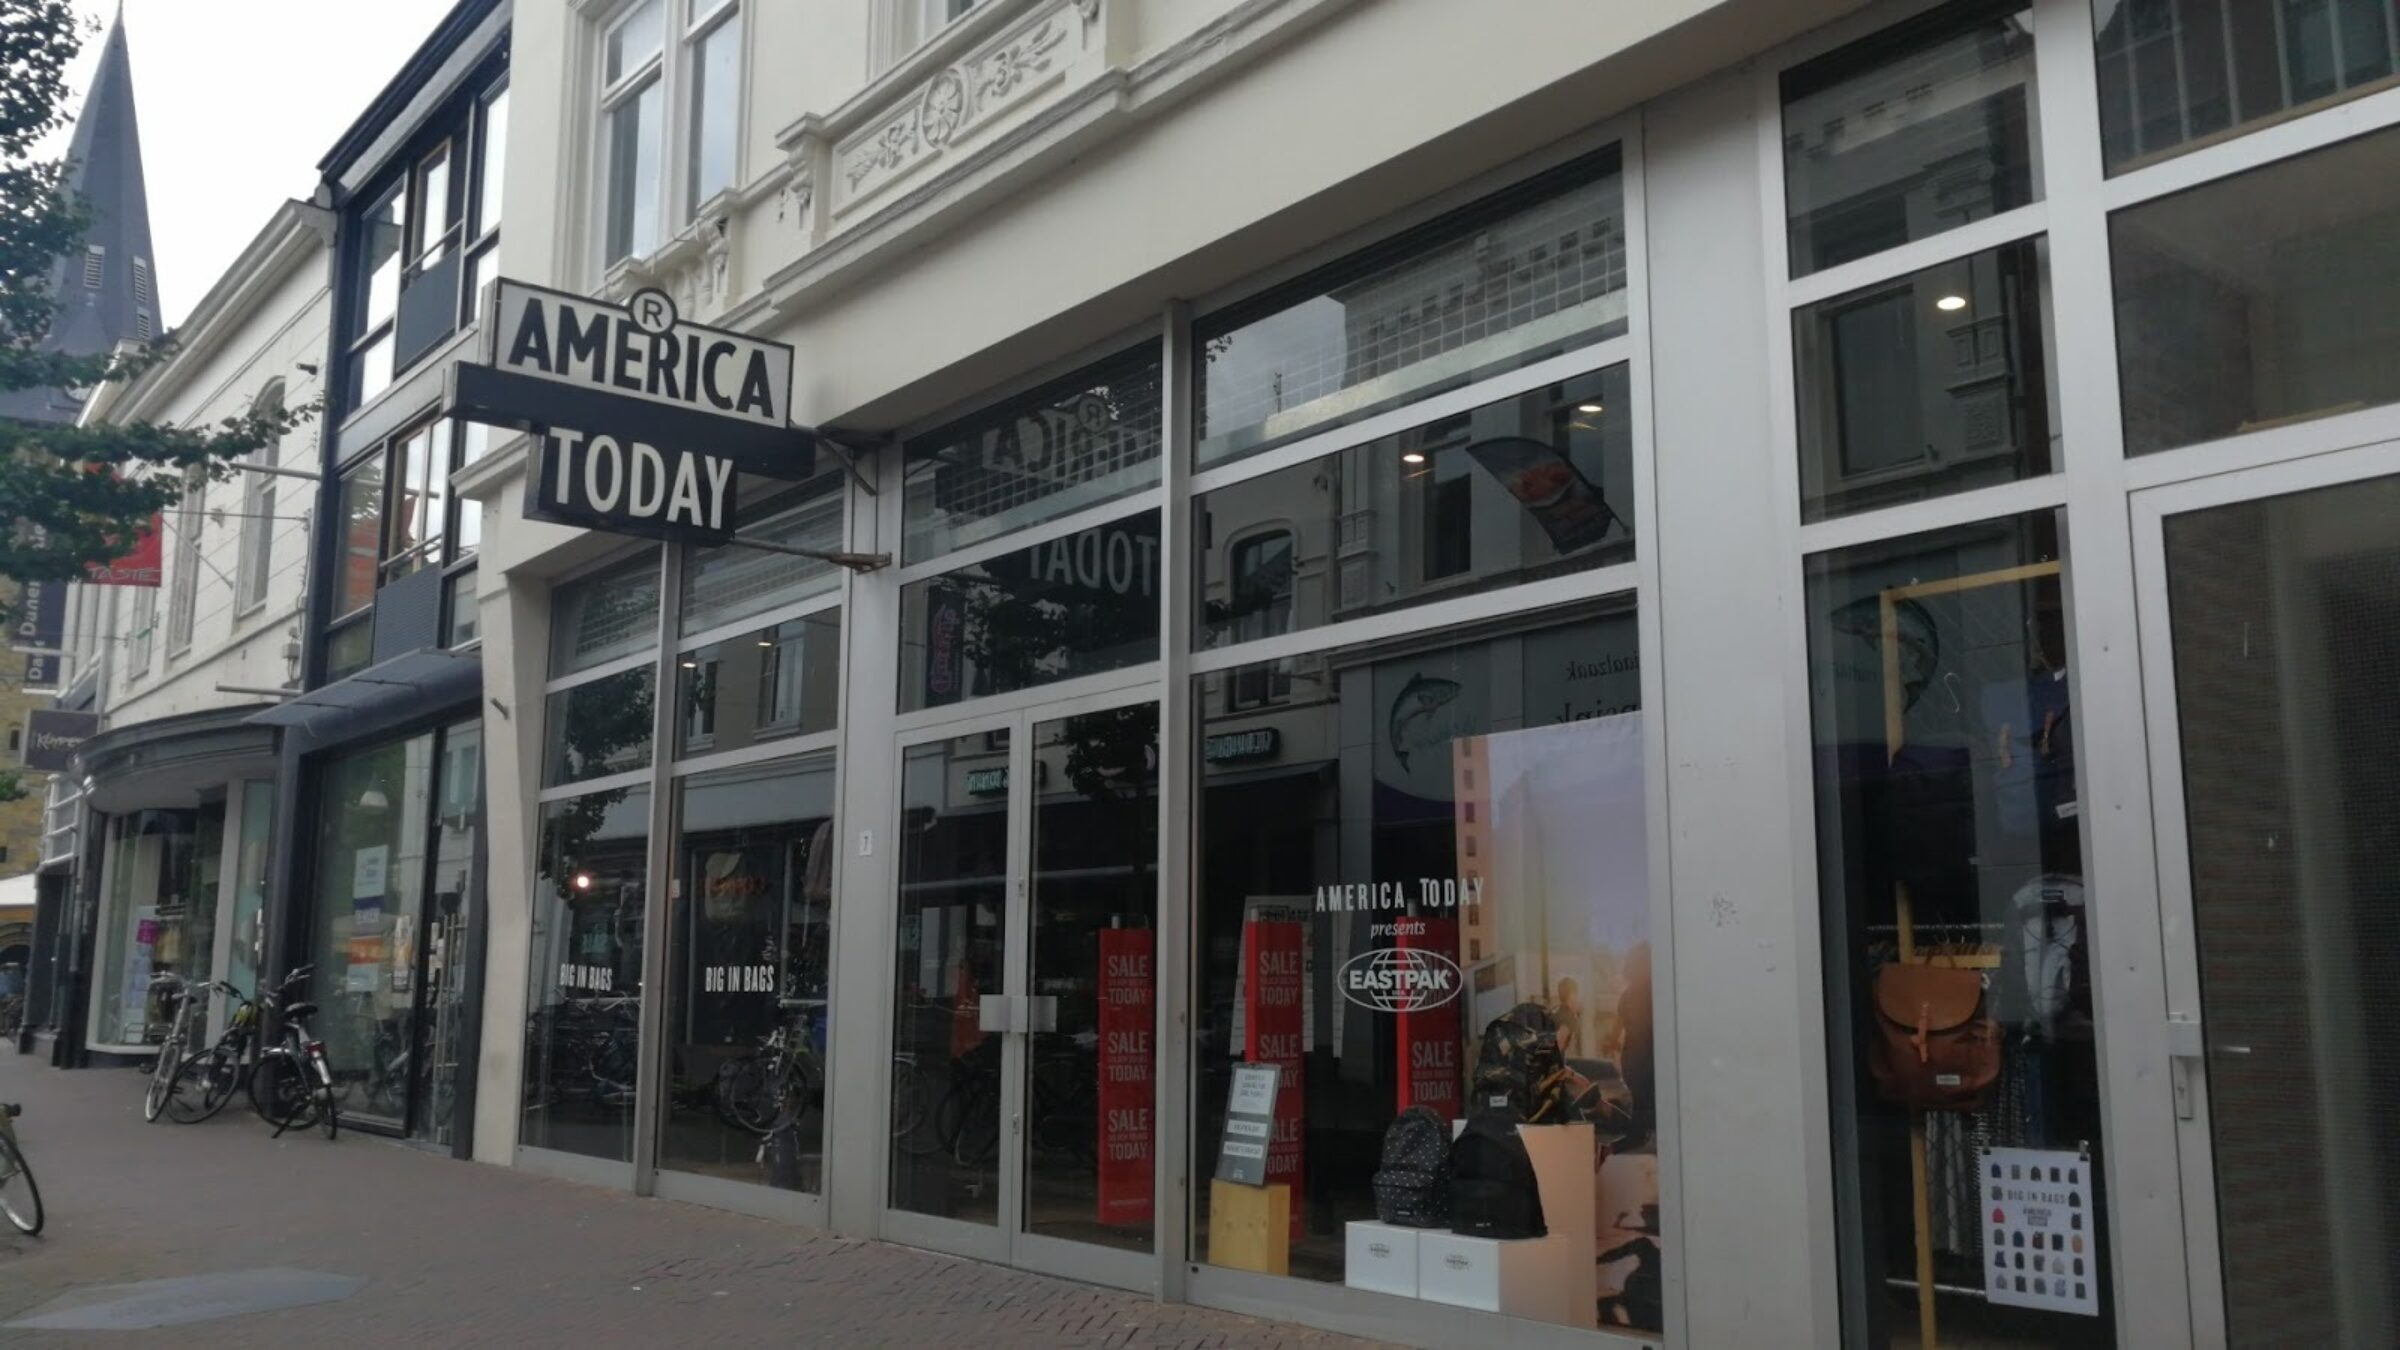 America today marktstraat Enschede